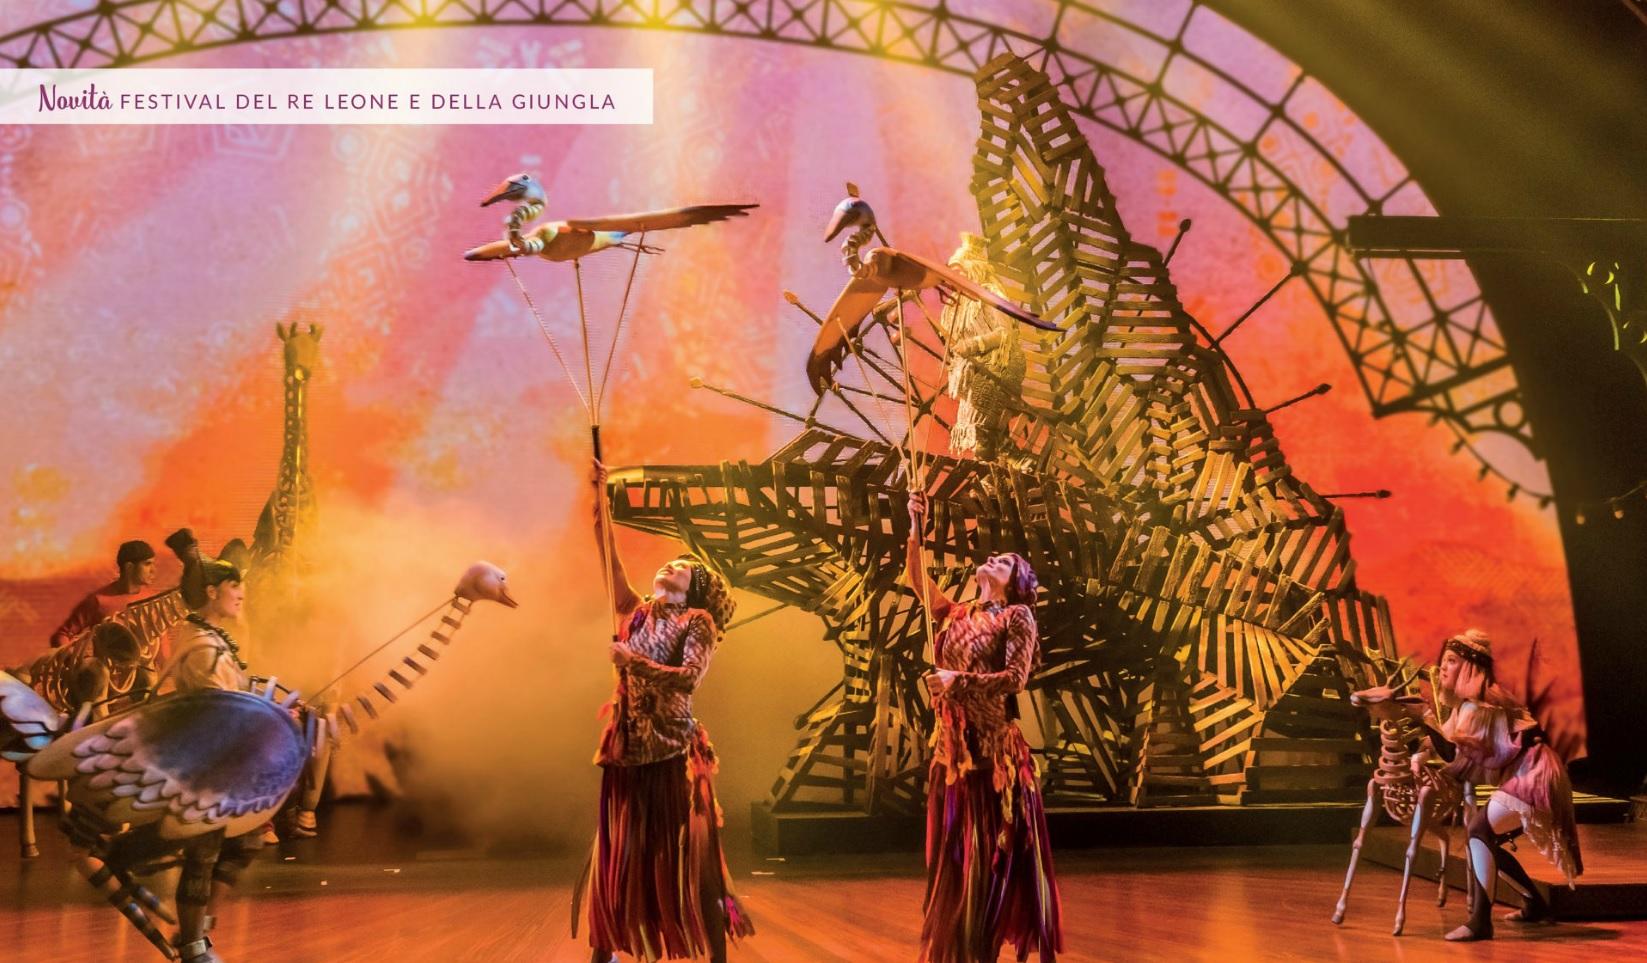 2019 - Festival del re Leone e della Jungla Novitz10